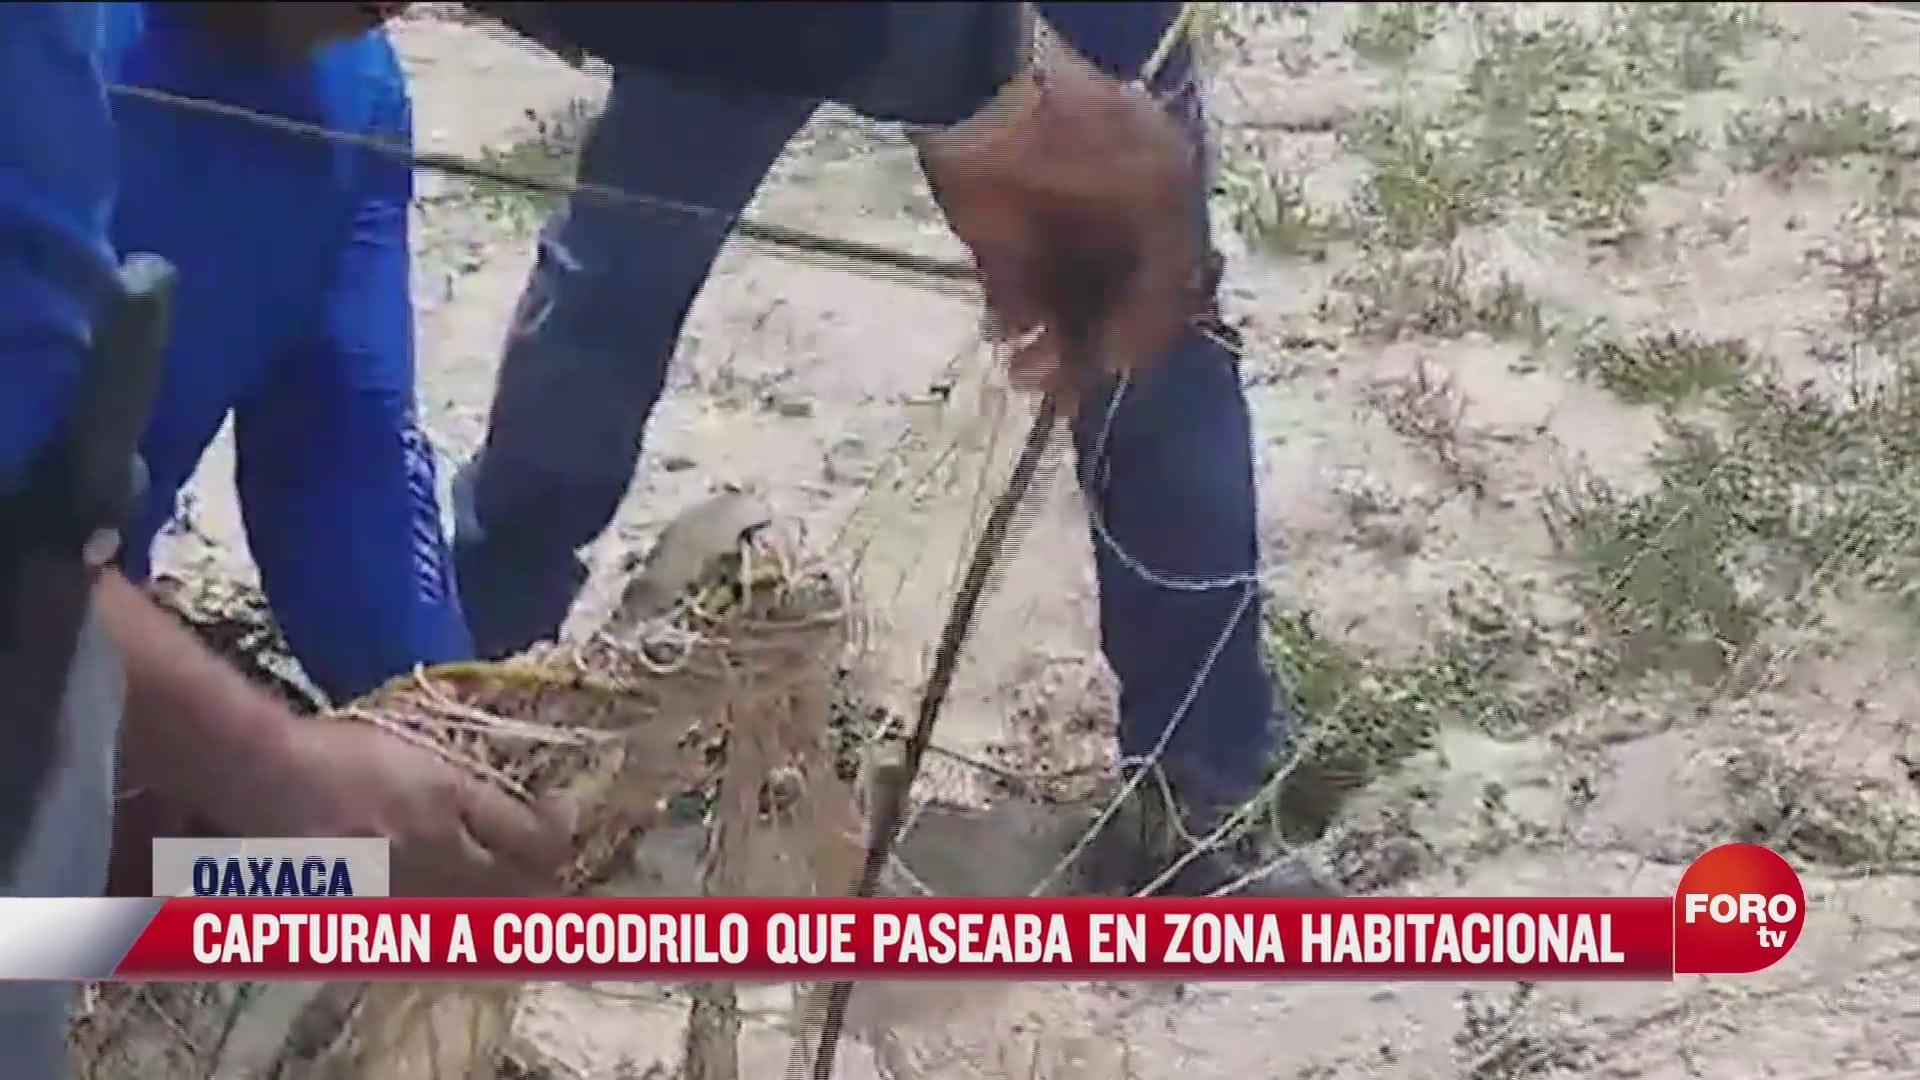 capturan a cocodrilo en zona habitacional en oaxaca